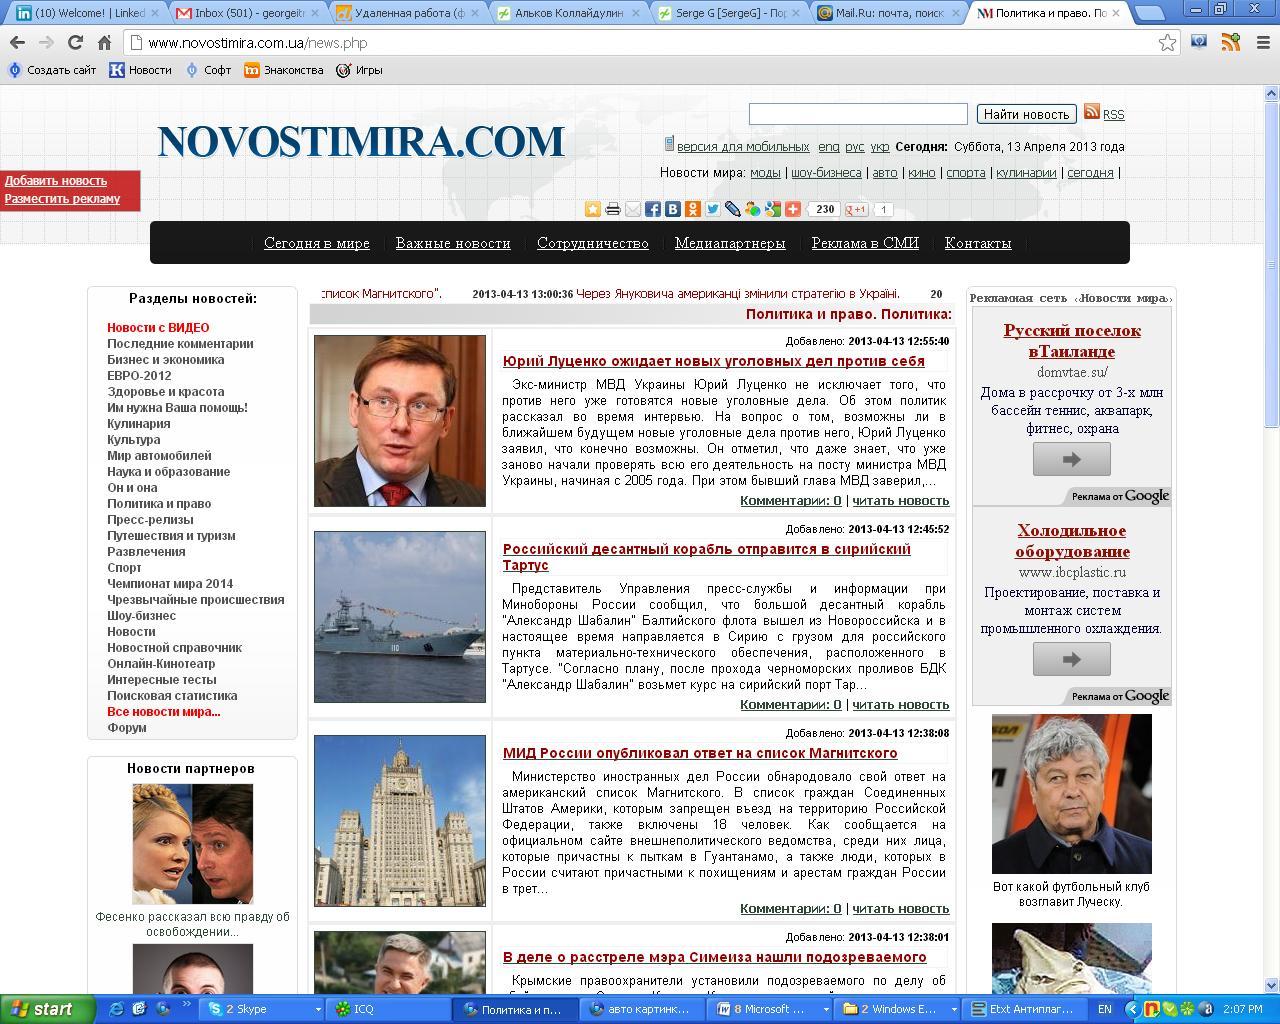 Новости портала www.novostimira.com.ua